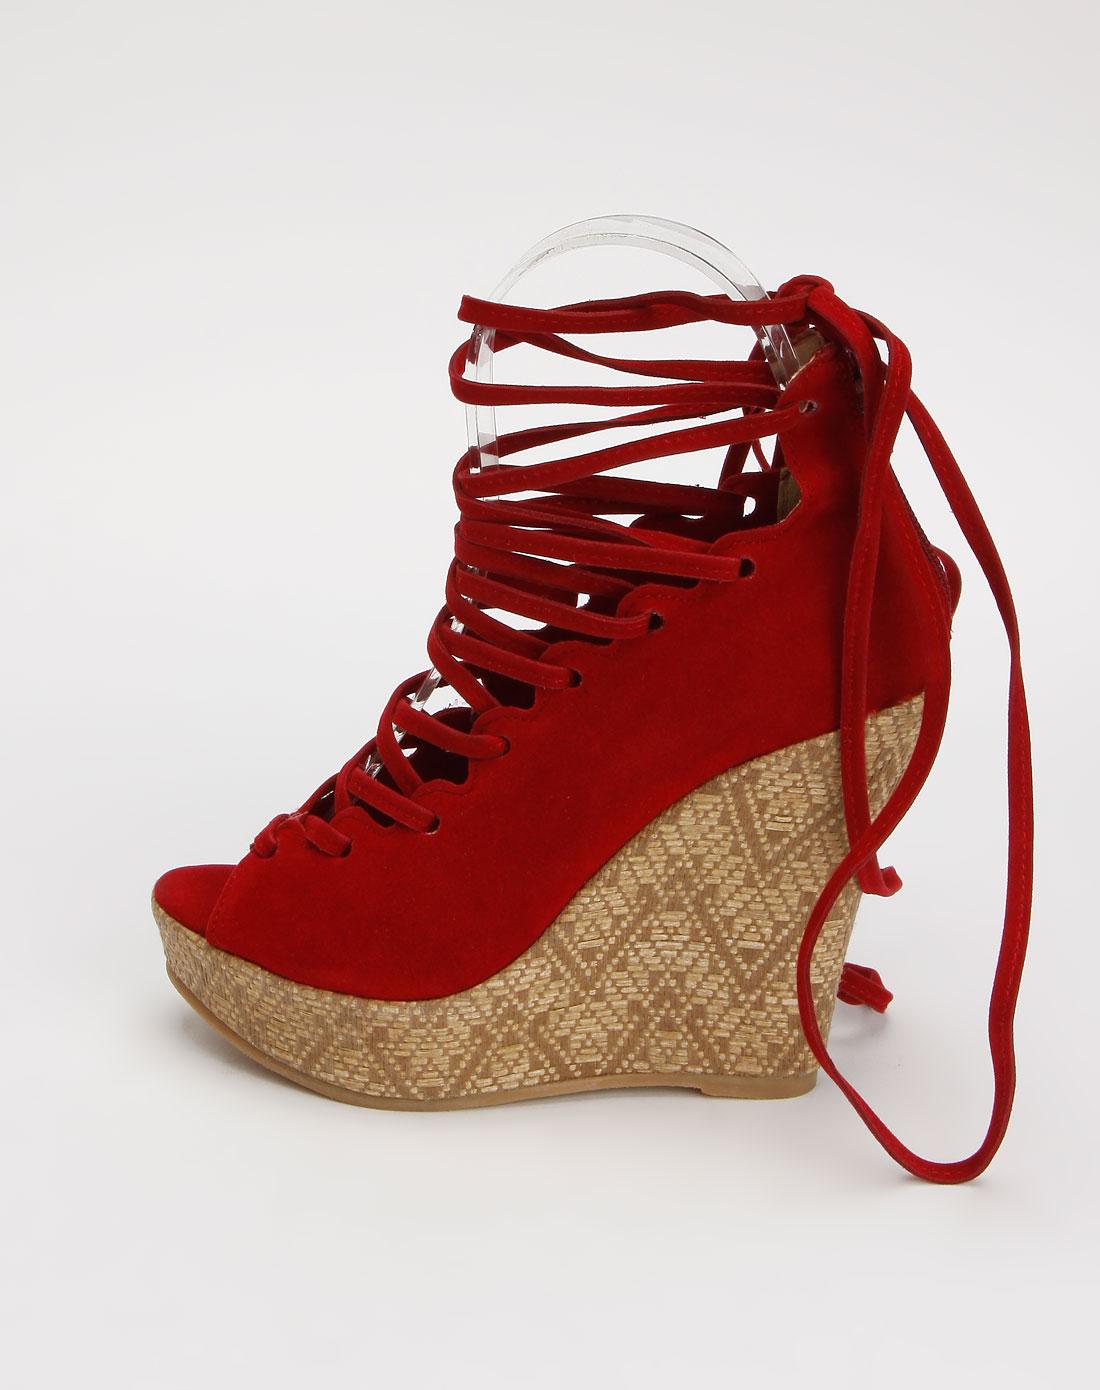 酒红色系带时尚坡跟凉鞋